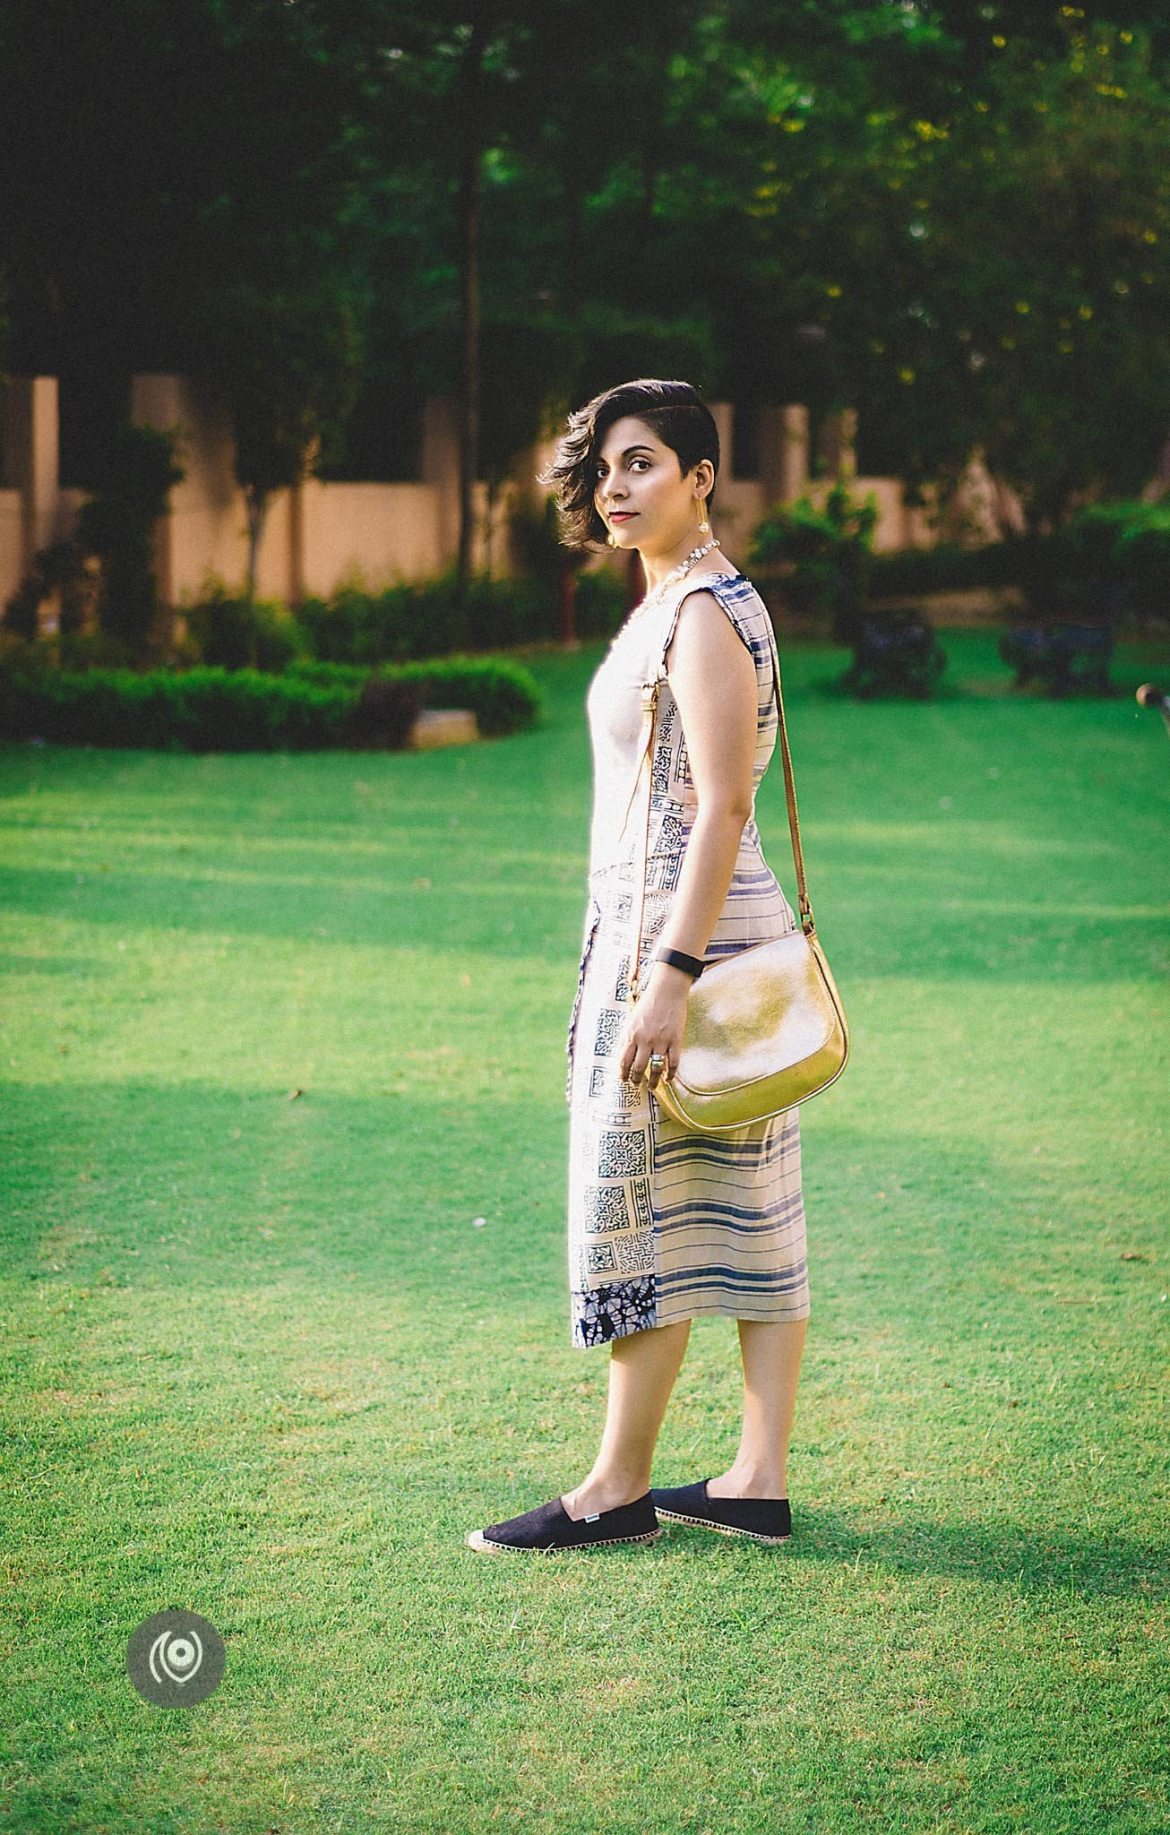 Naina.co-Raconteuse-Visuelle-Photographer-Blogger-Storyteller-Luxury-Lifestyle-CoverUp-Mi-UrvashiKaur-Risa-03